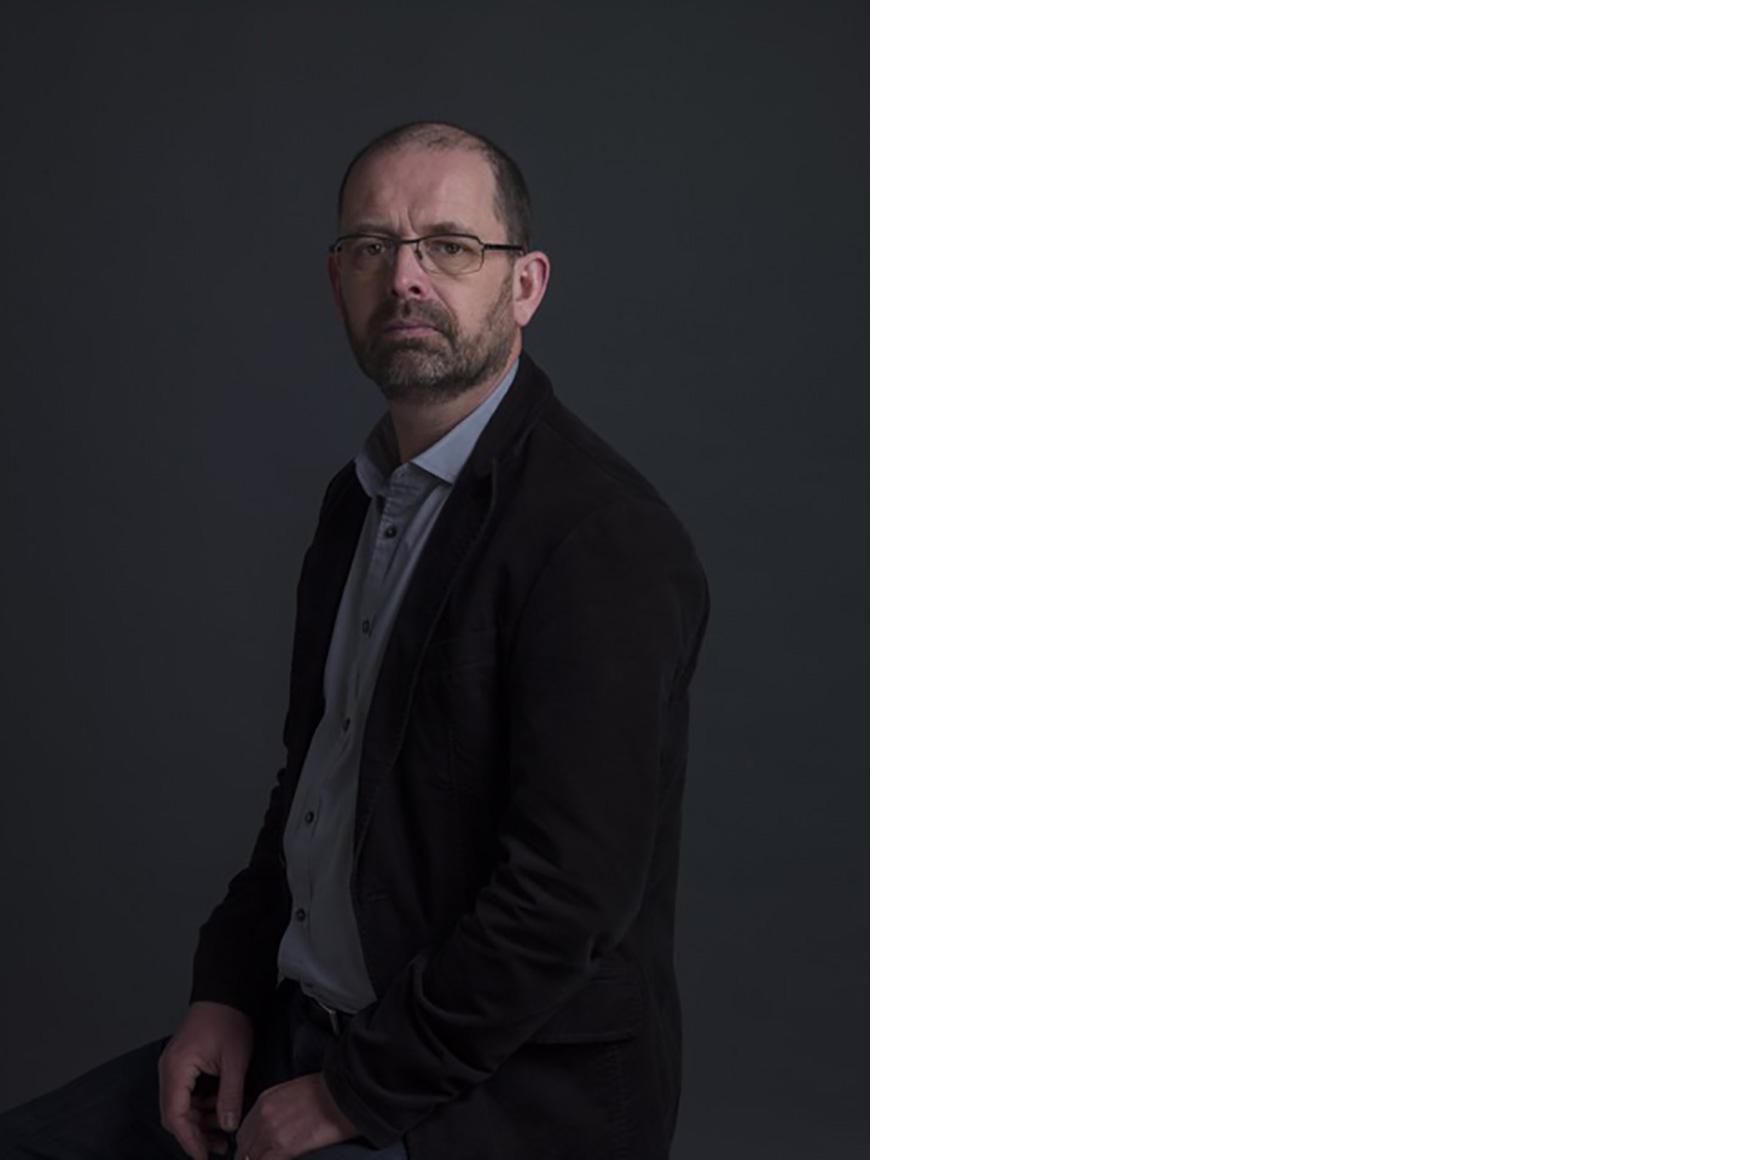 Marcel Molle nieuwe voorzitter bestuur Zilveren Camera